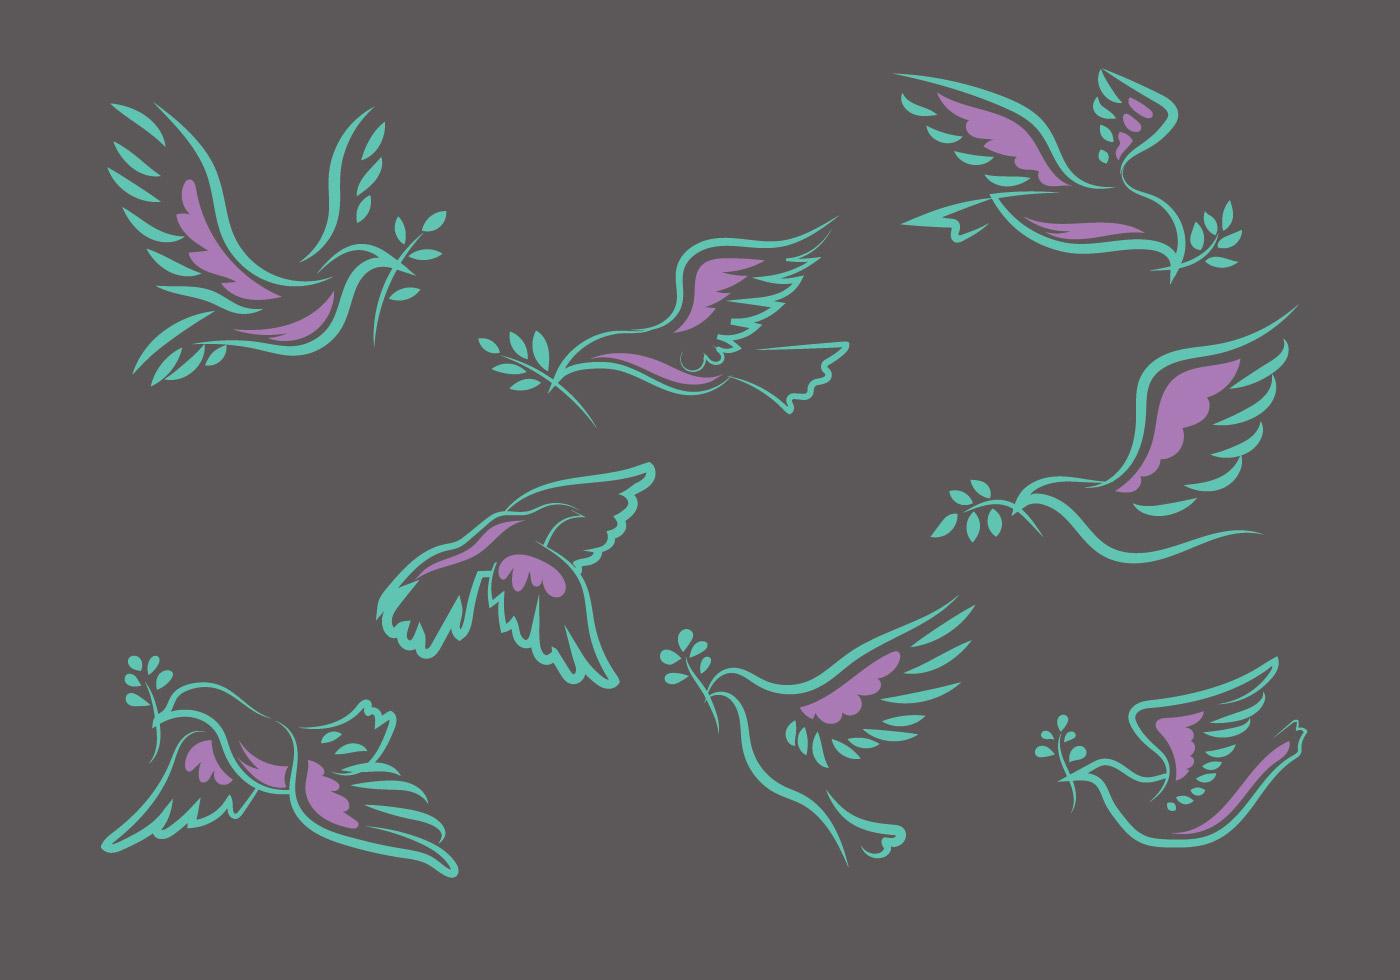 鳥圖案 免費下載 | 天天瘋後製